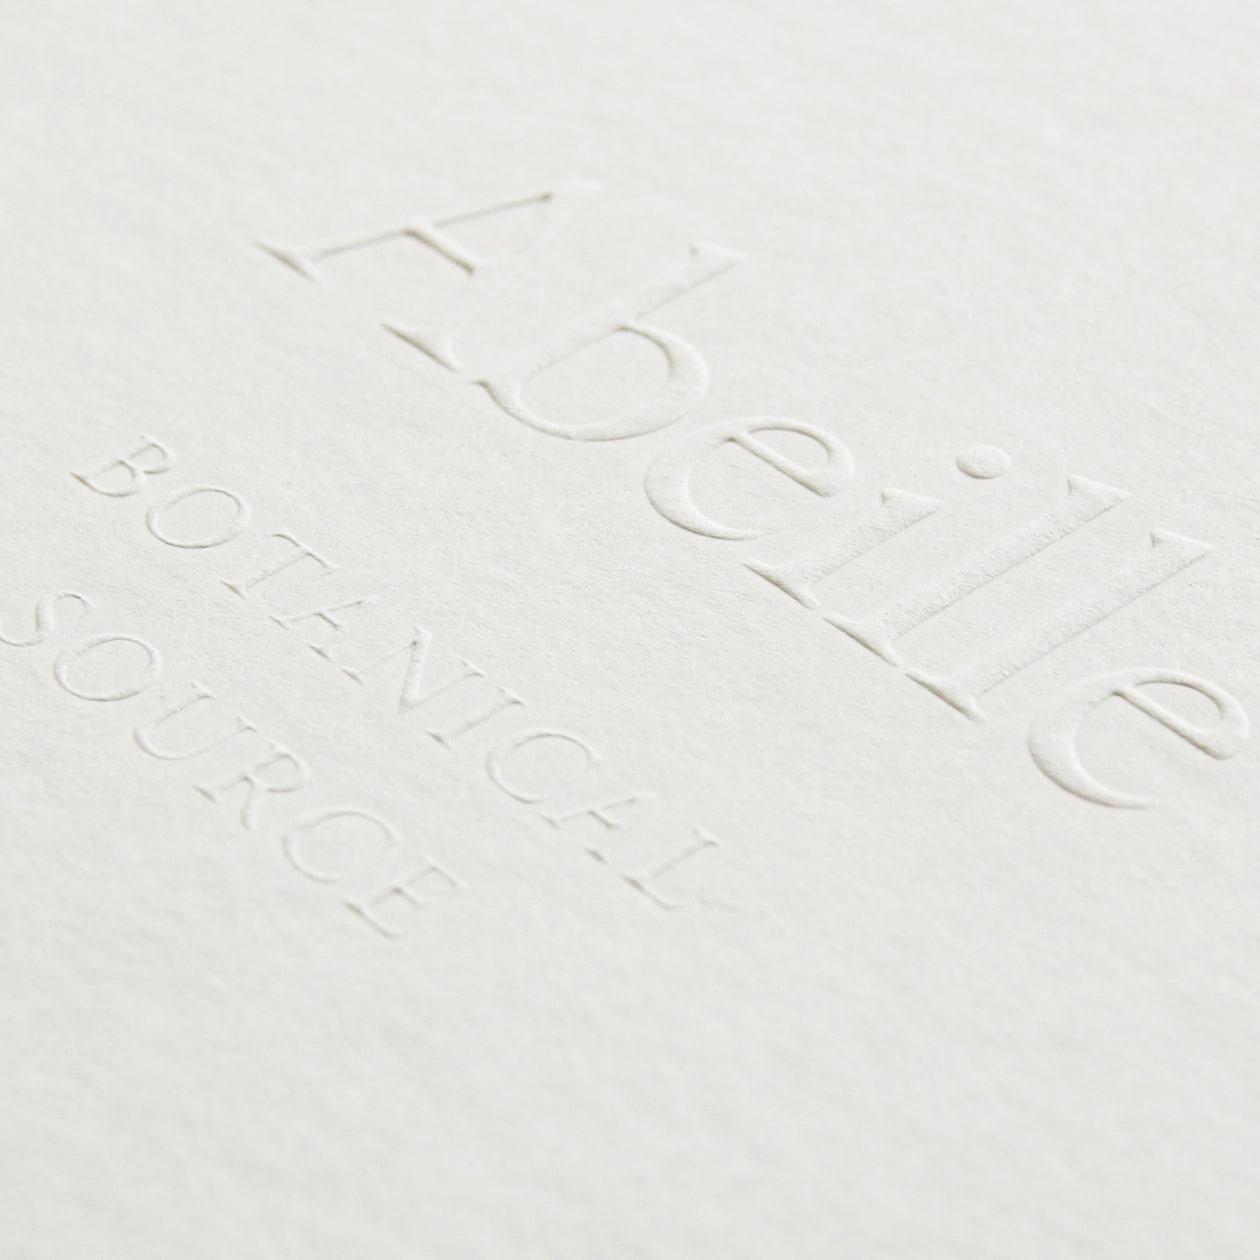 カタログ/リーフレット/フォルダーセット